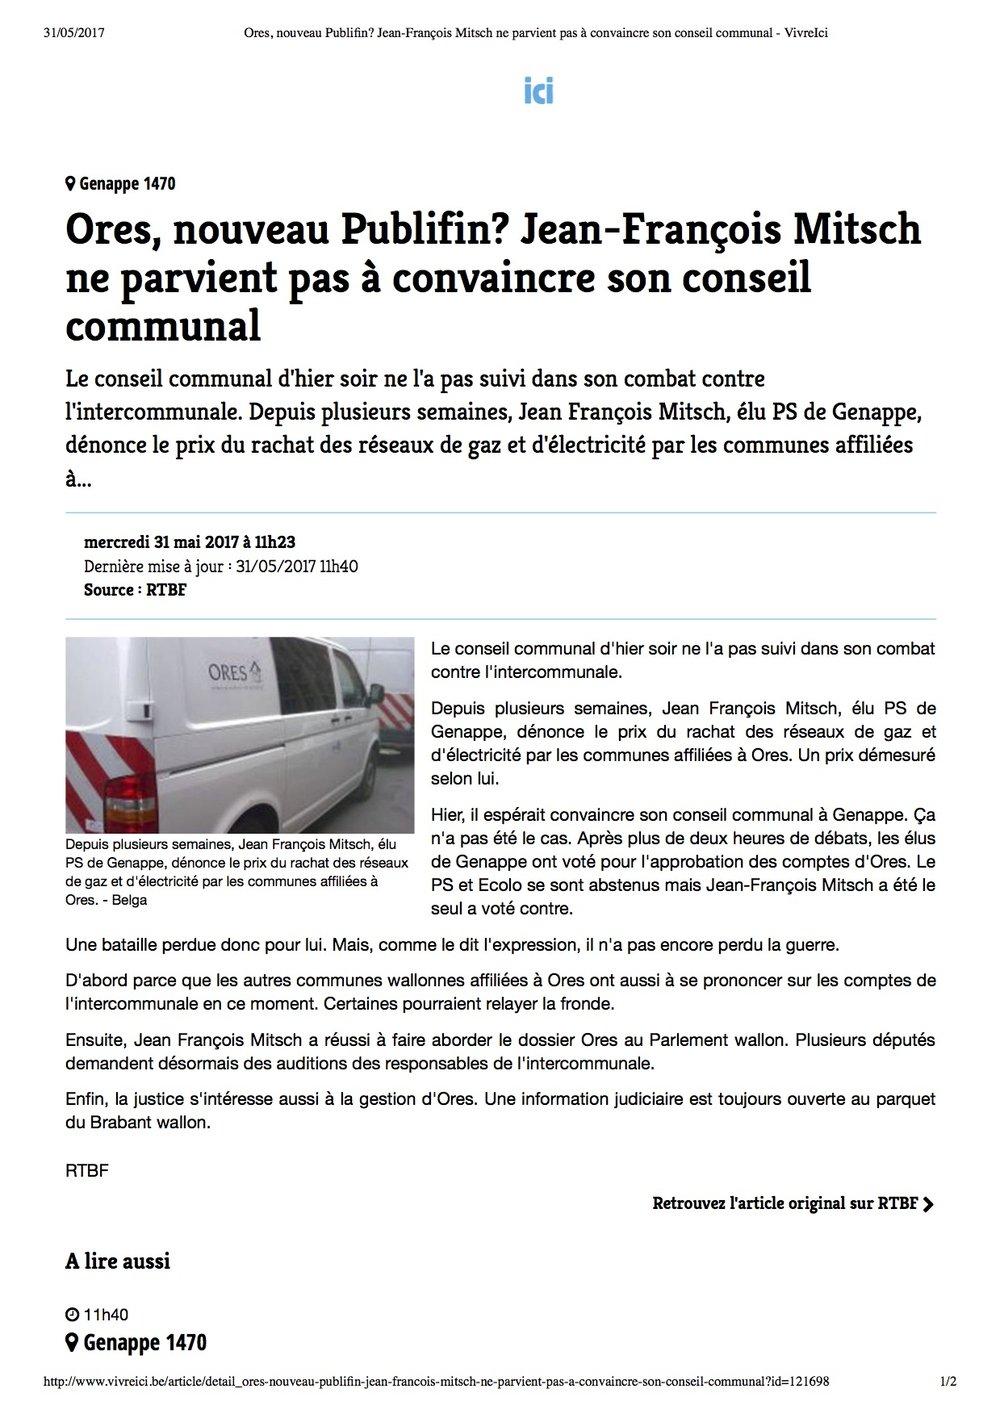 Ores, nouveau Publifin_ Jean-François Mitsch ne parvient pas à convaincre son conseil communal - VivreIci.jpg